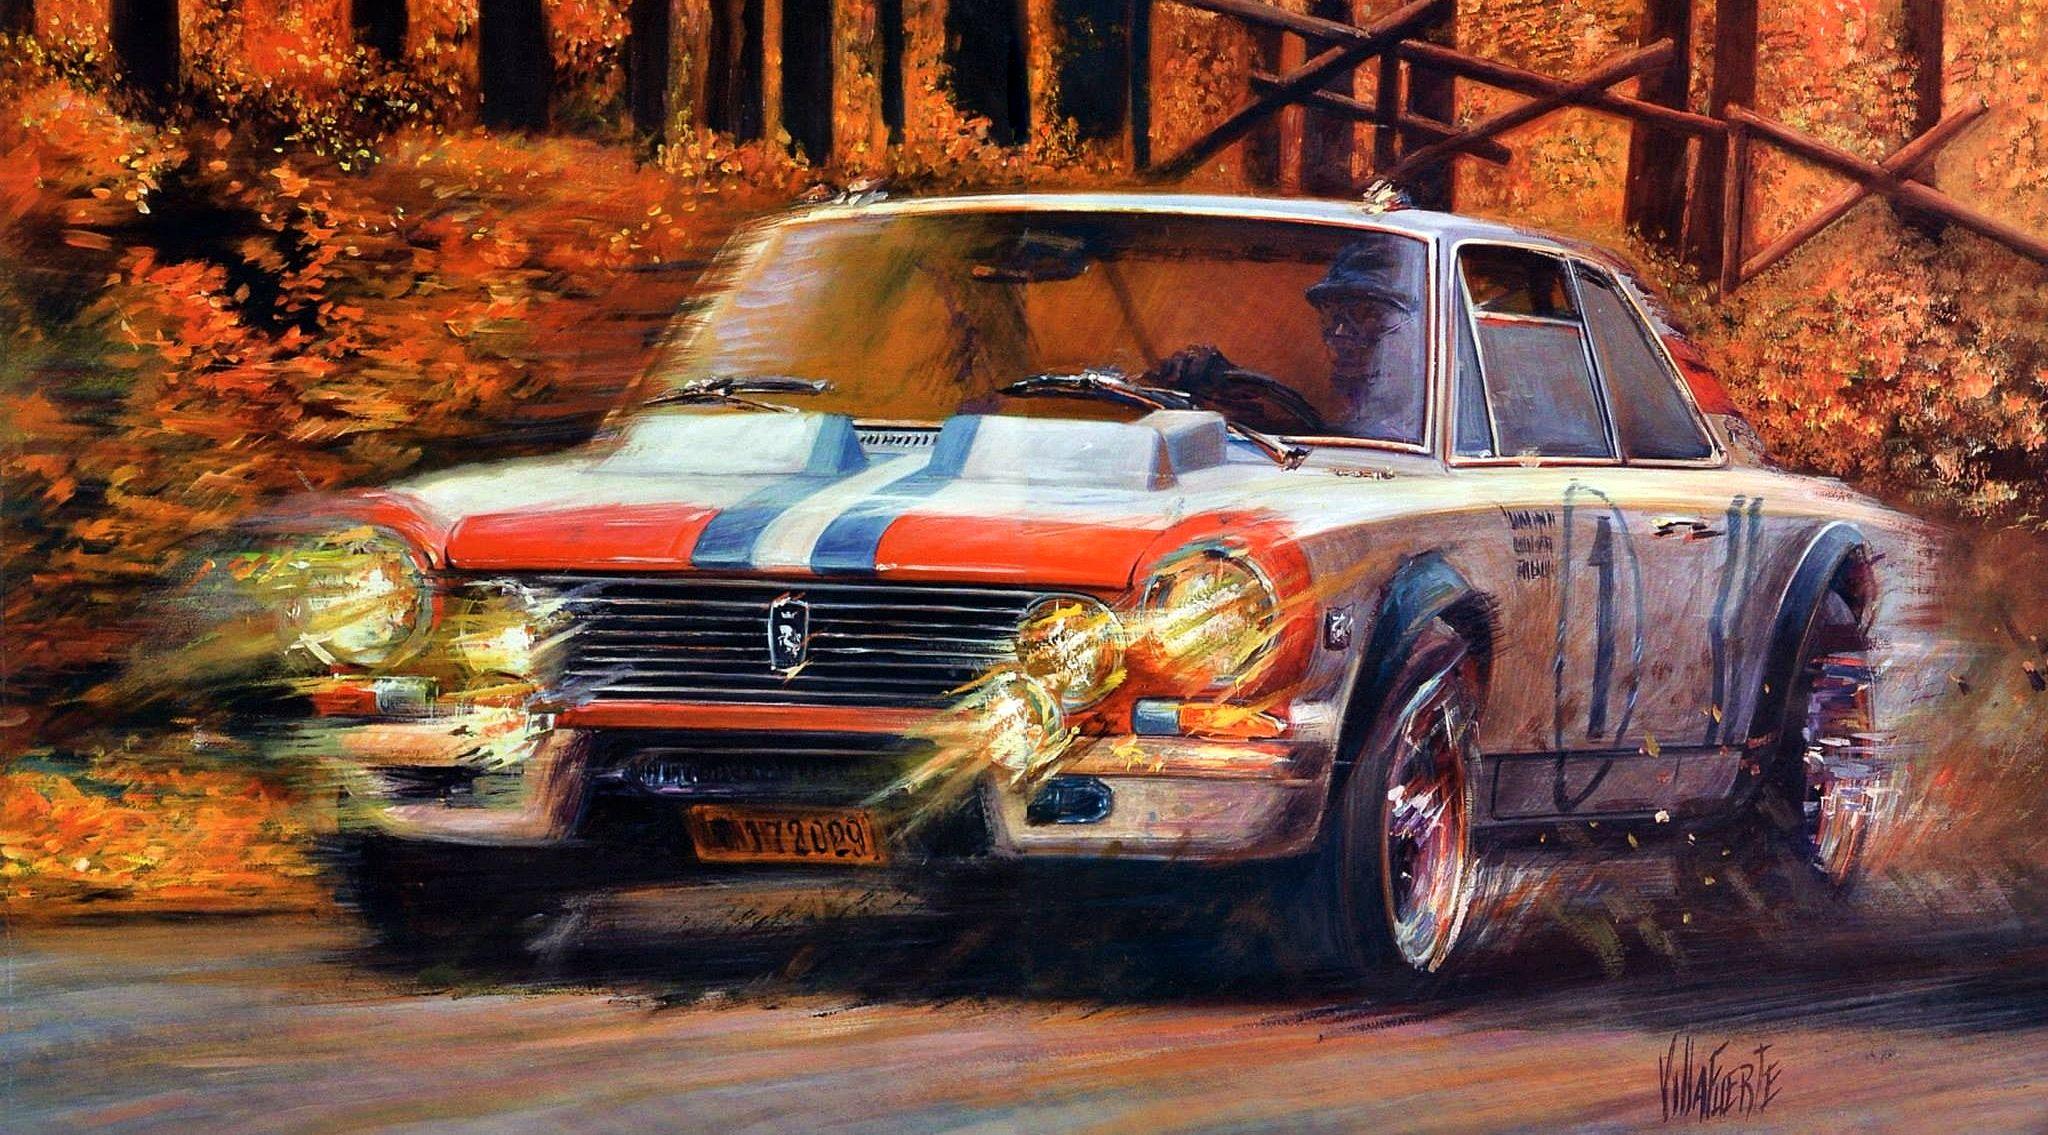 Torino 380w nurburgring 1969 art